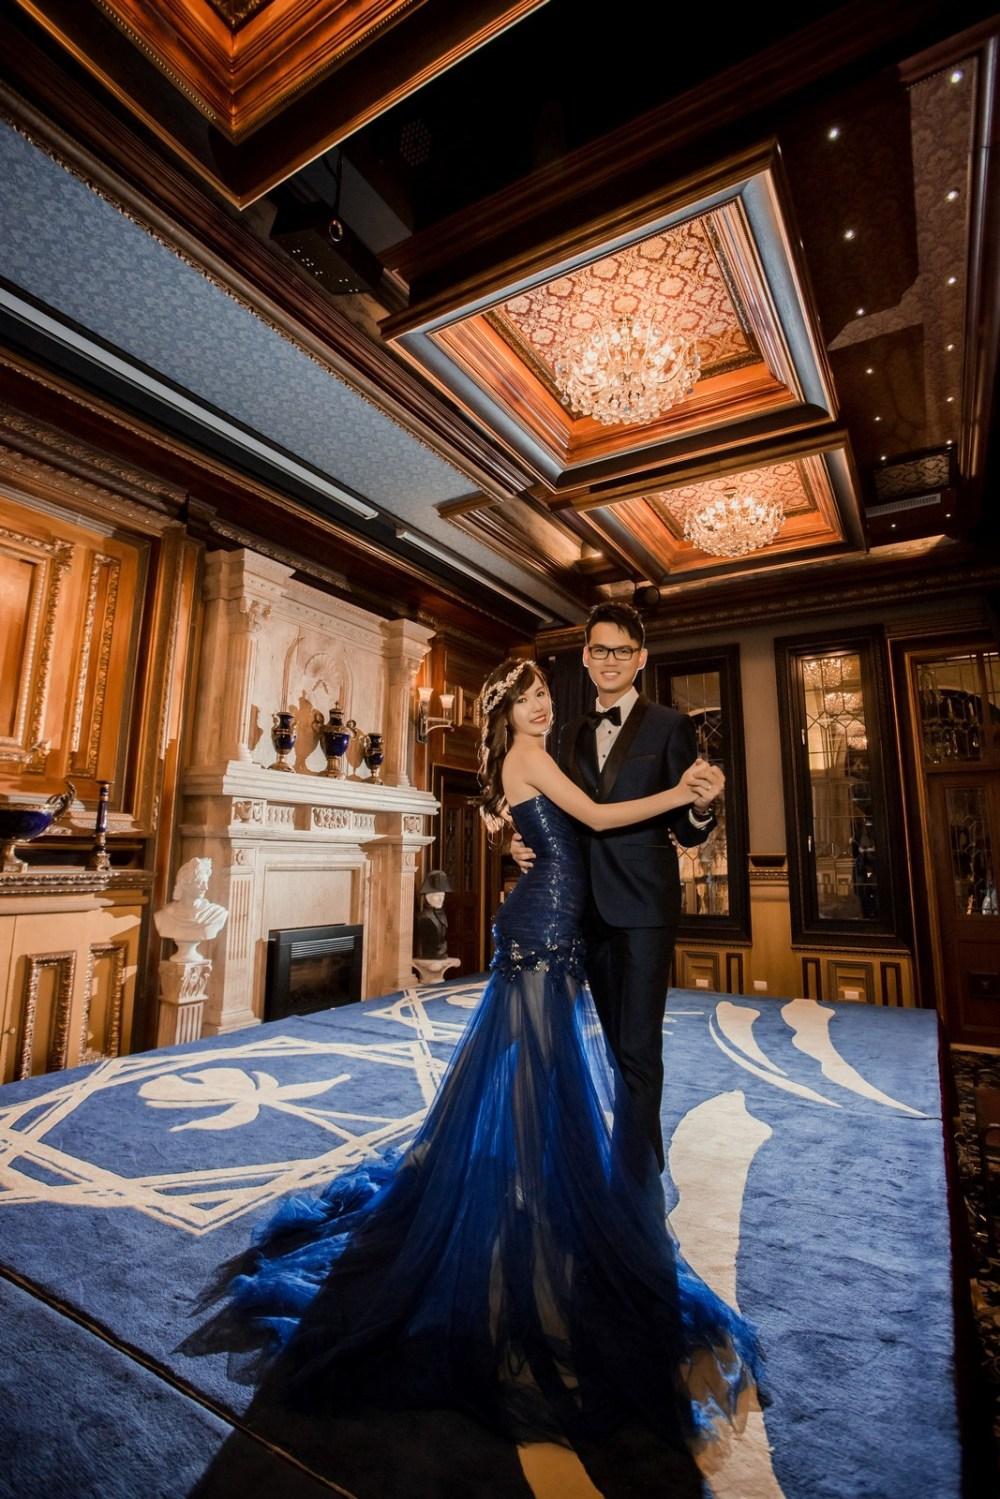 海外婚紗,台灣拍婚紗,海外婚紗推薦,台中婚紗